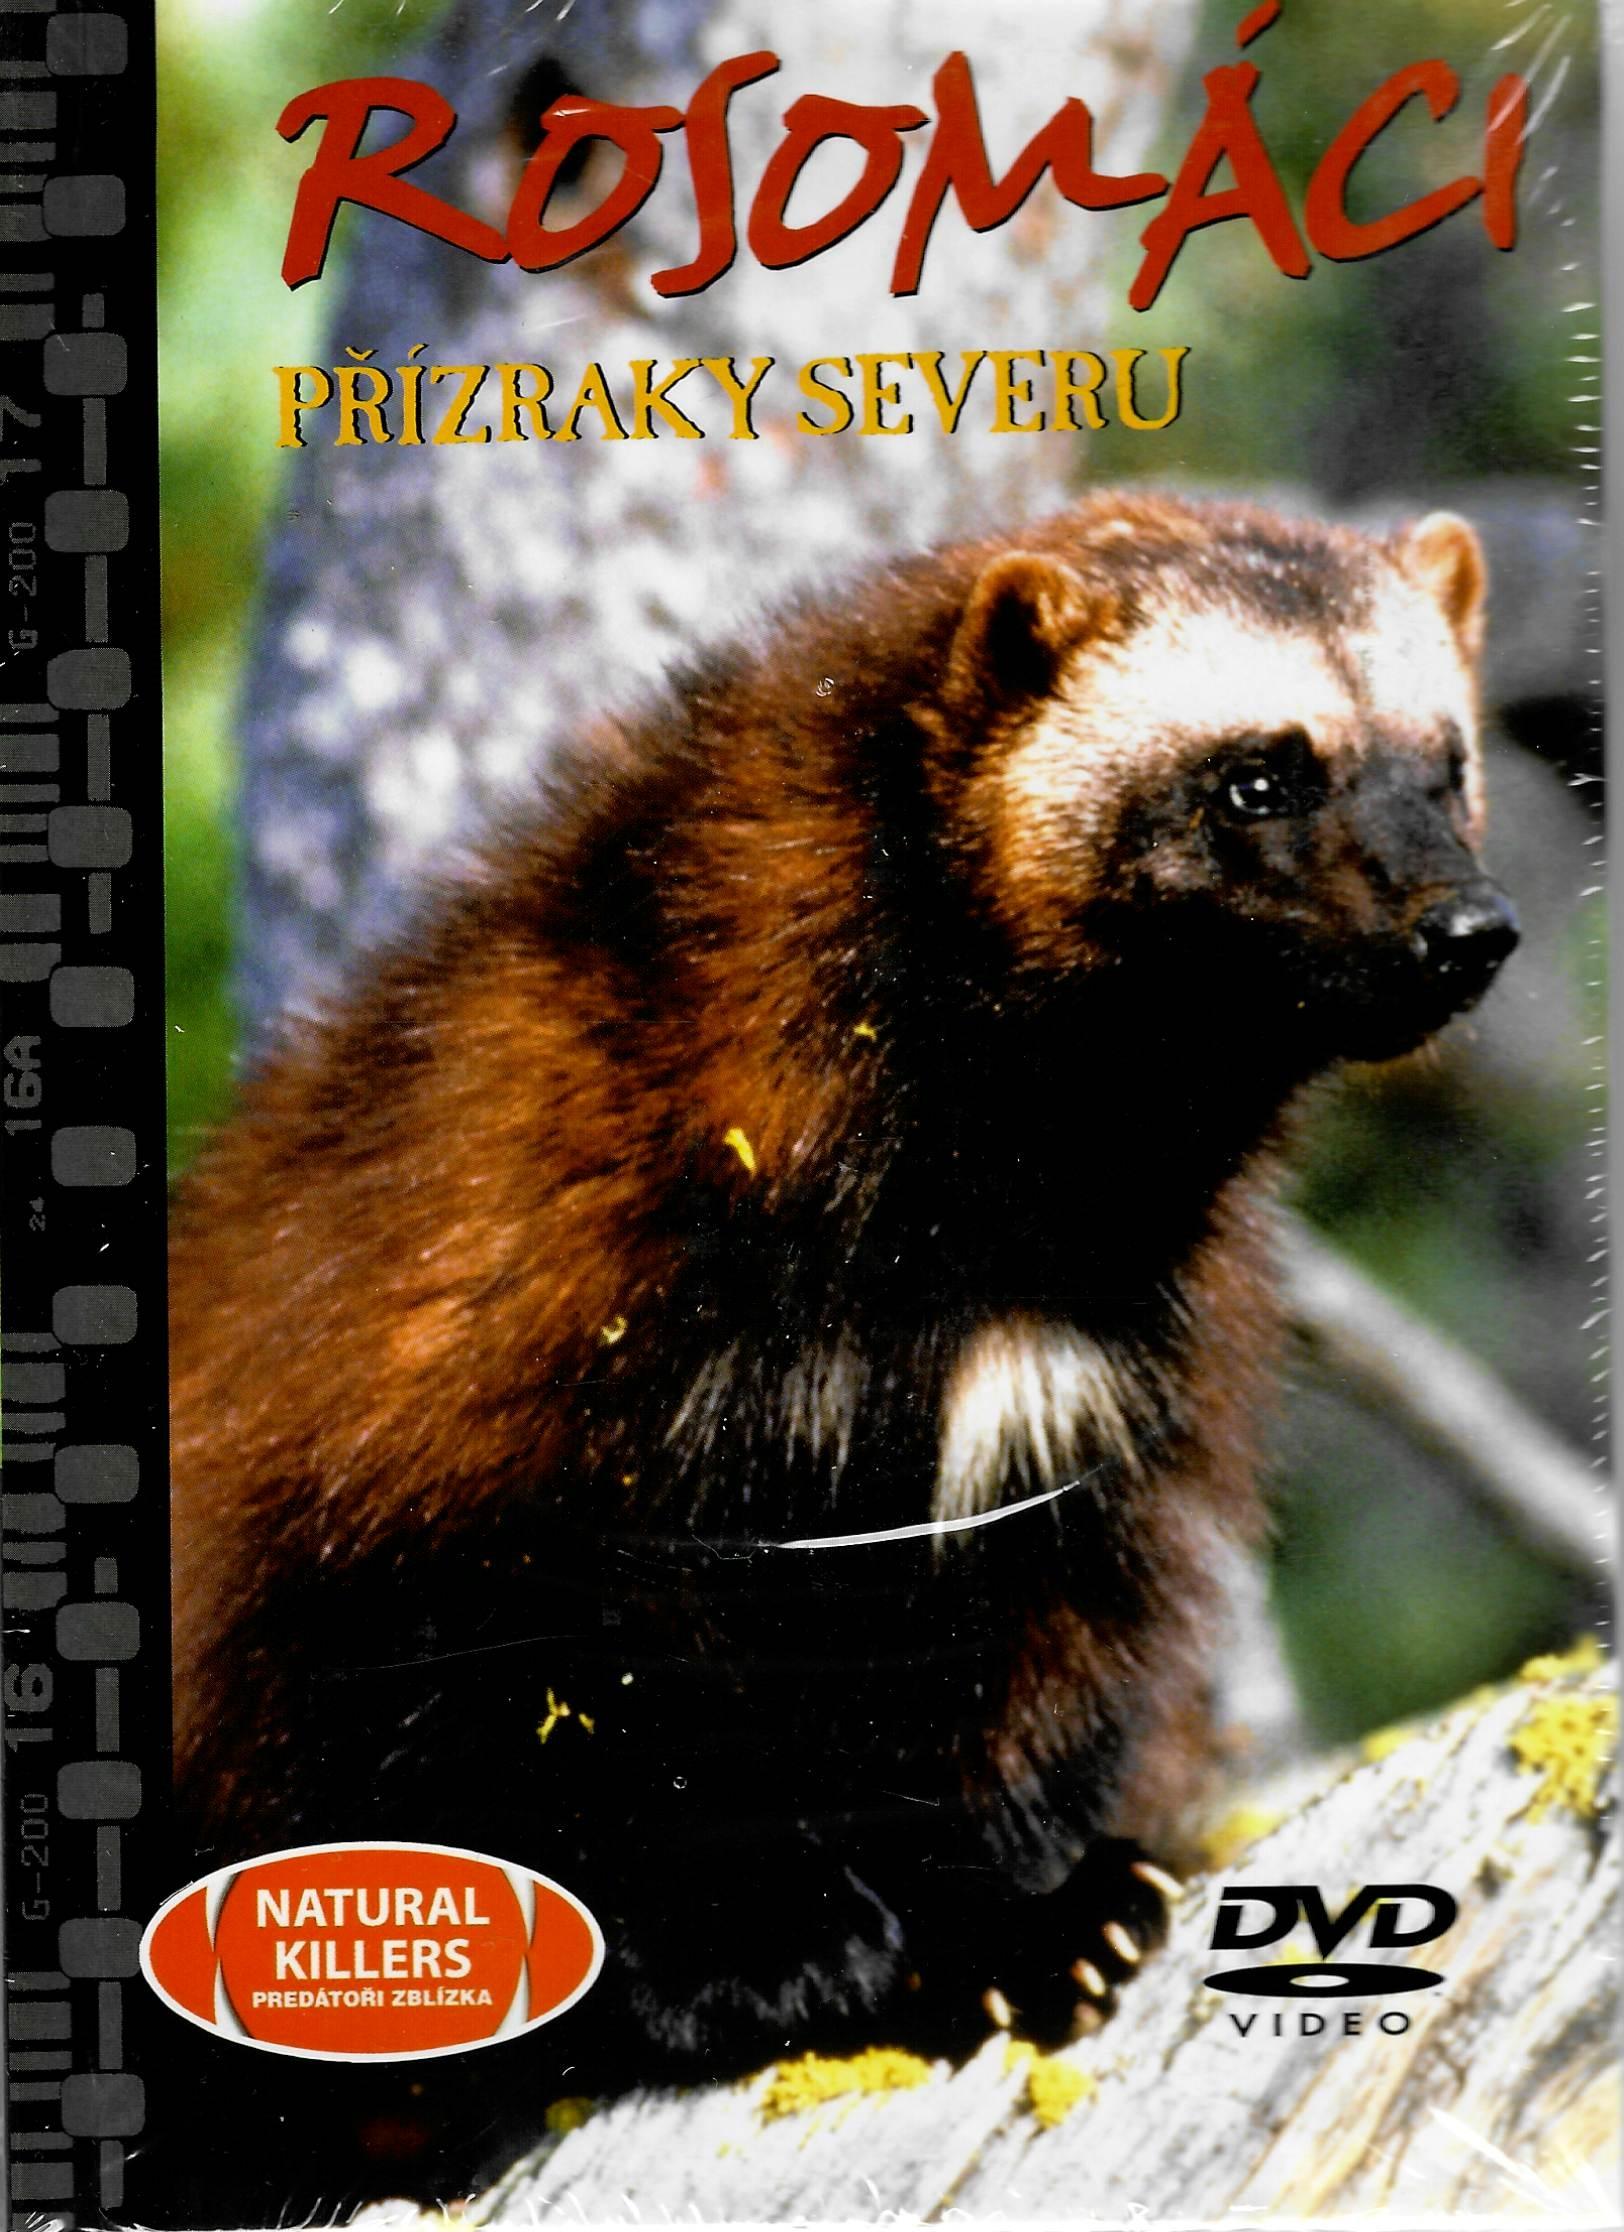 Rosomáci - přízraky severu - DVD + brožura